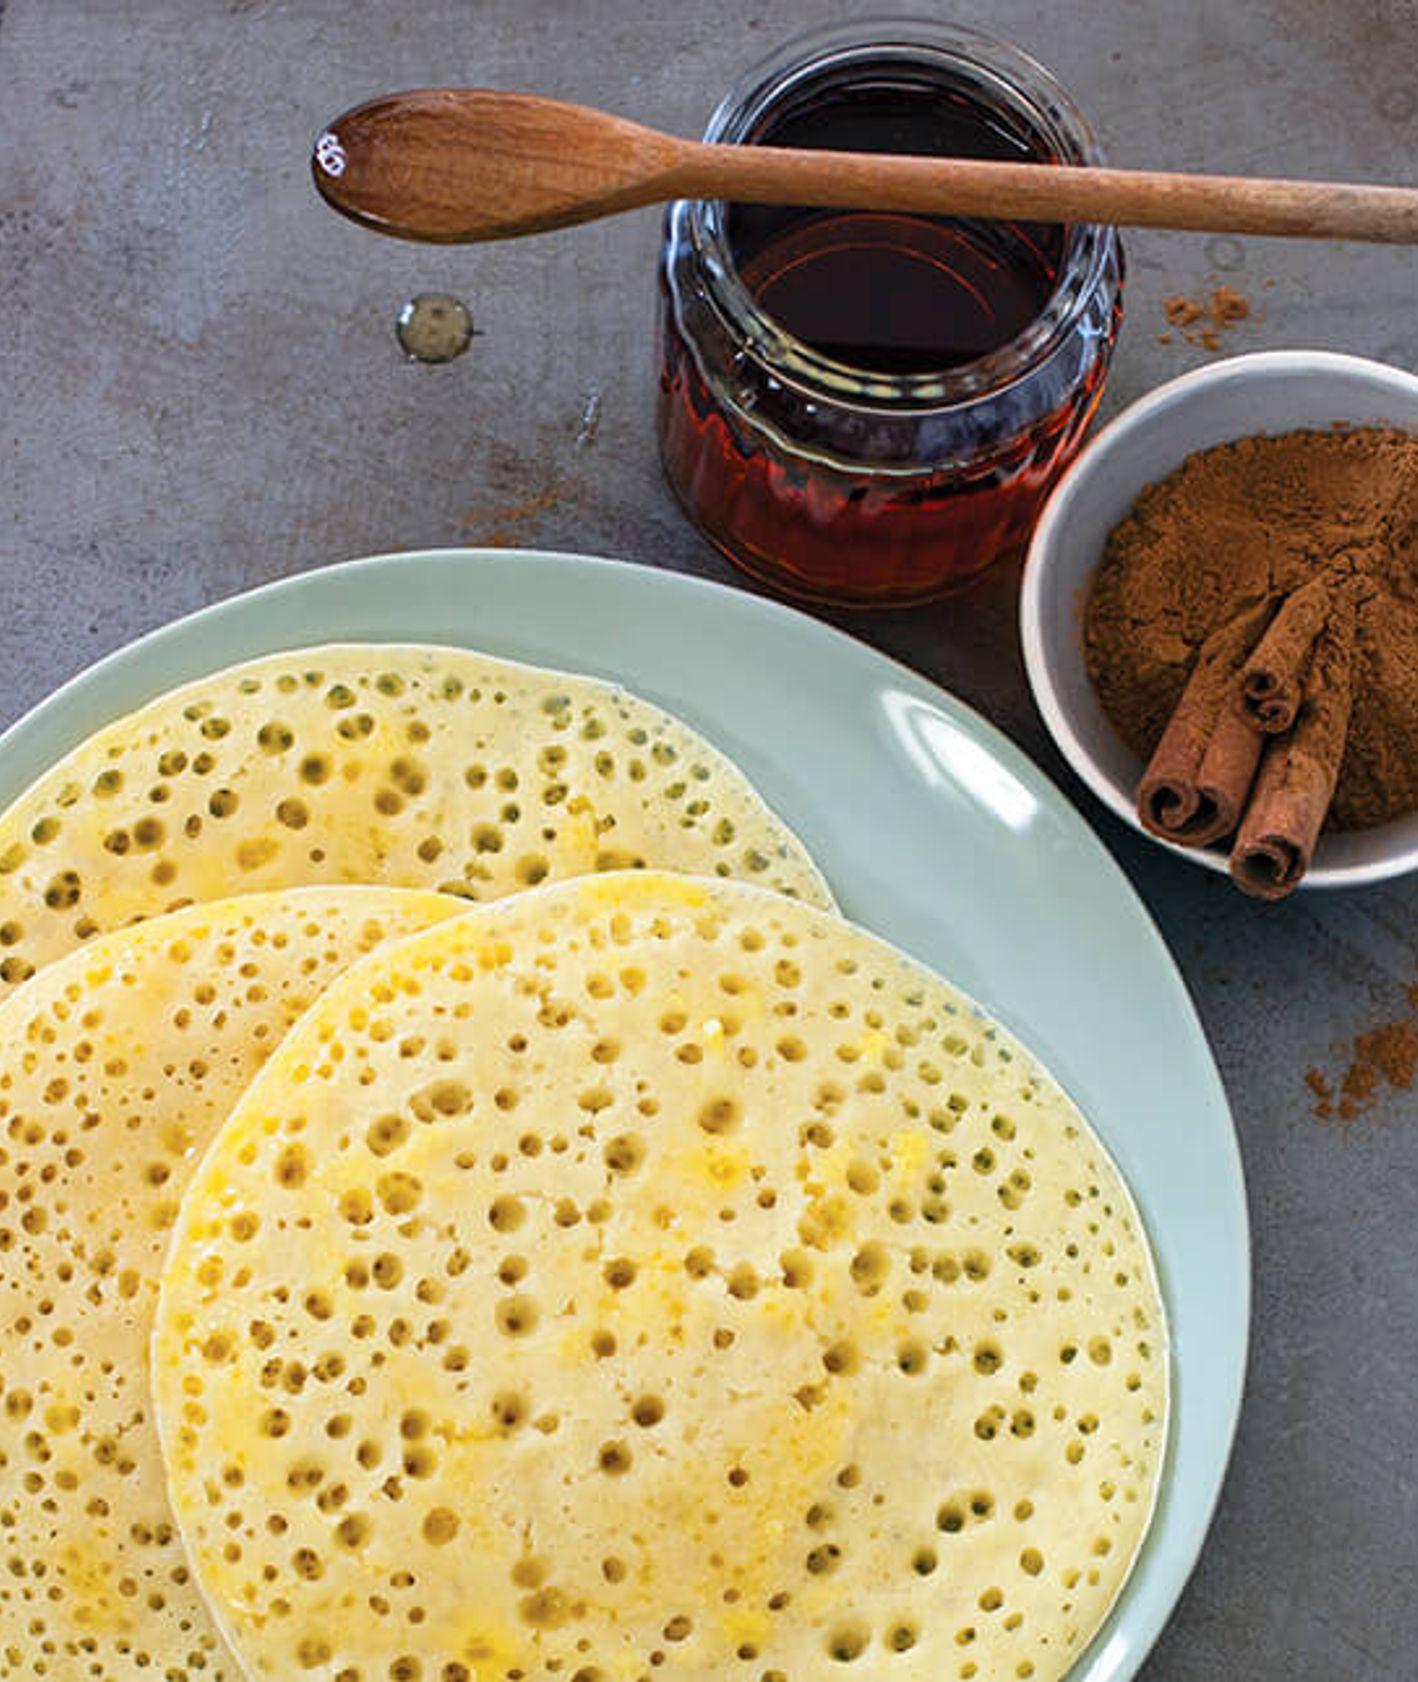 marokańskie naleśniki z dziurkami podawane z masłem, miodem i cynamonem